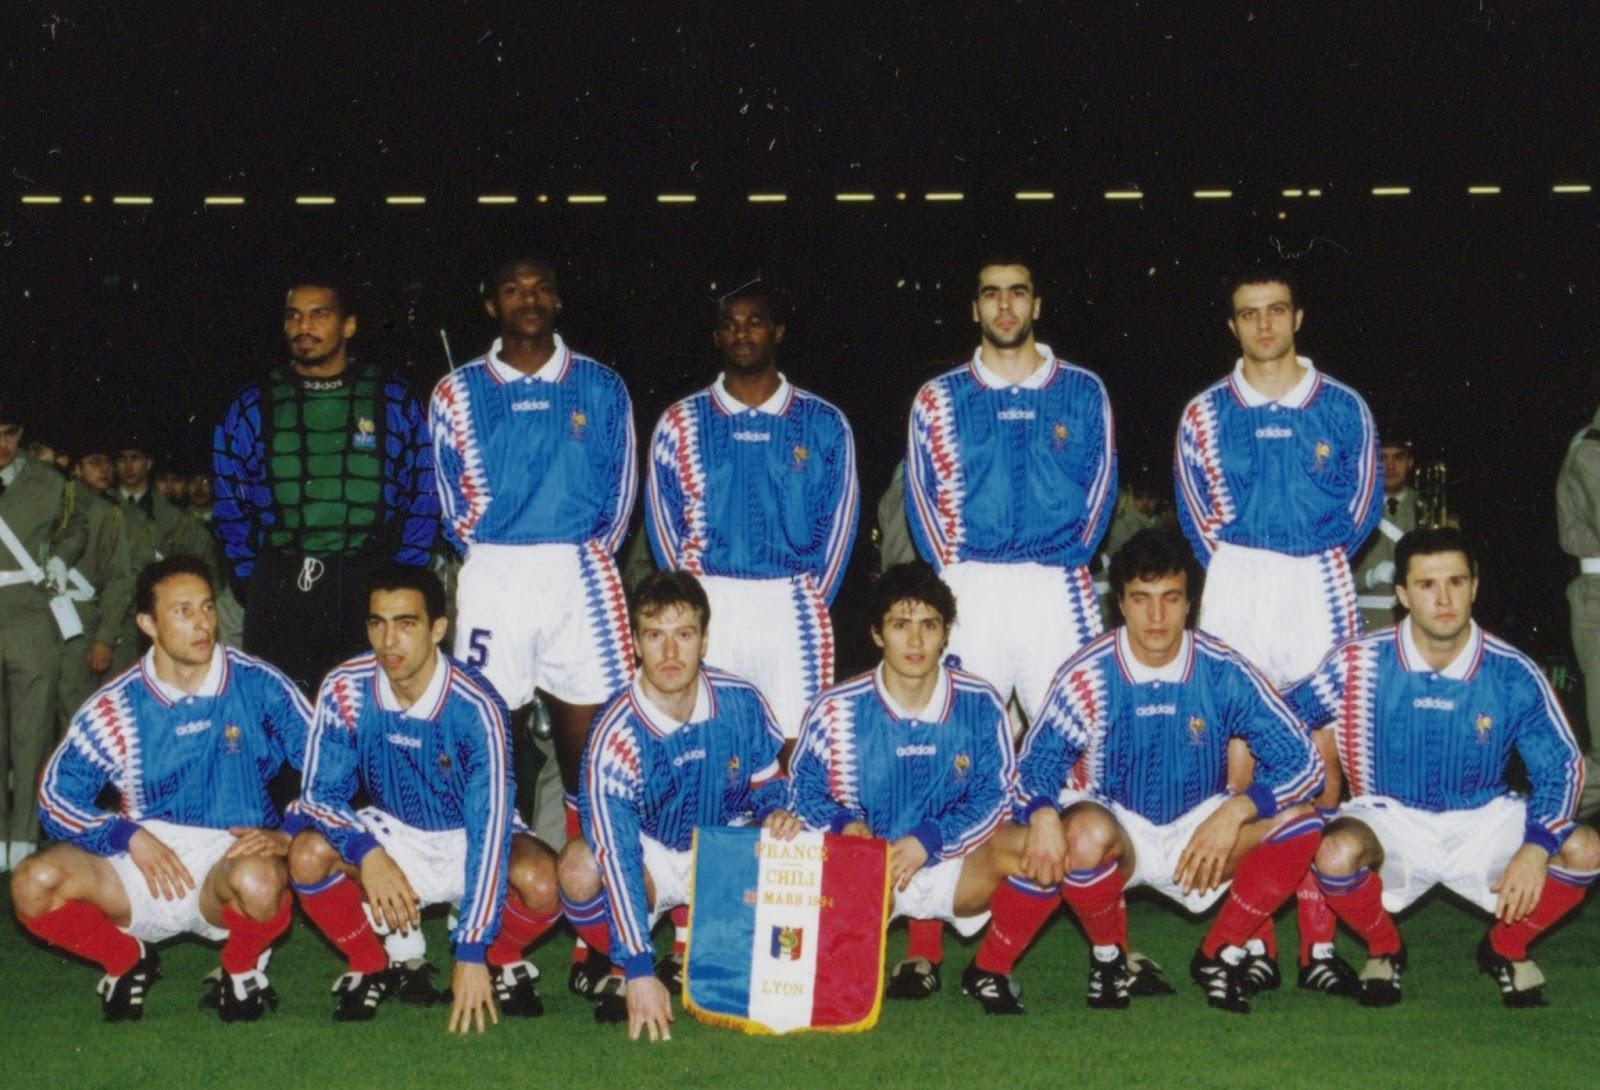 Formación de Francia ante Chile, amistoso disputado el 22 de marzo de 1994